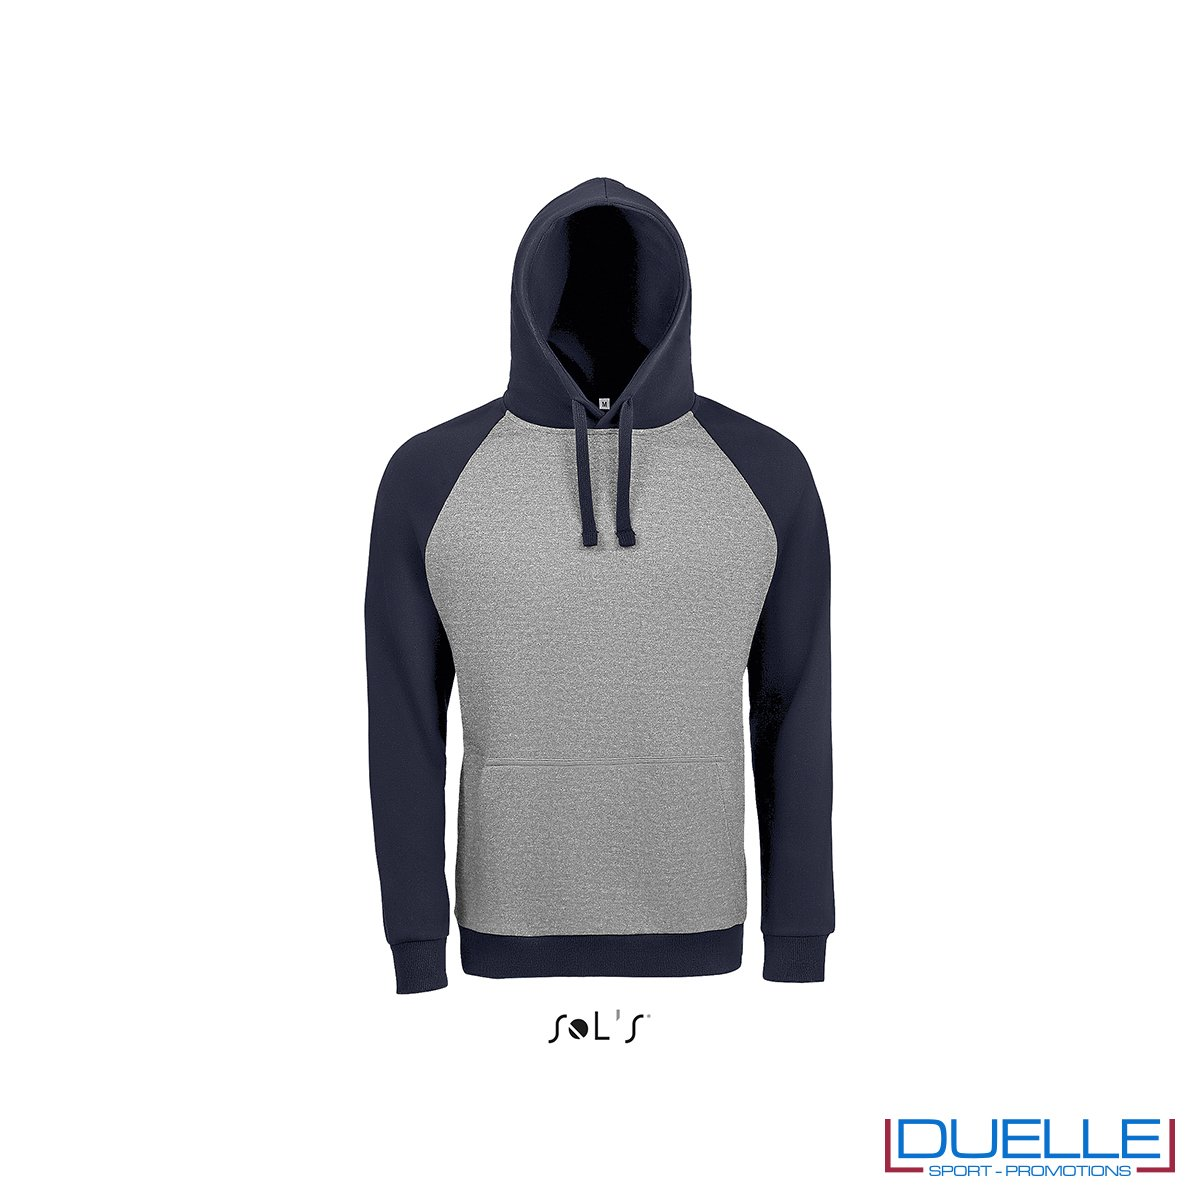 Felpa college con cappuccio personalizzata colore grigio melange-blu navy